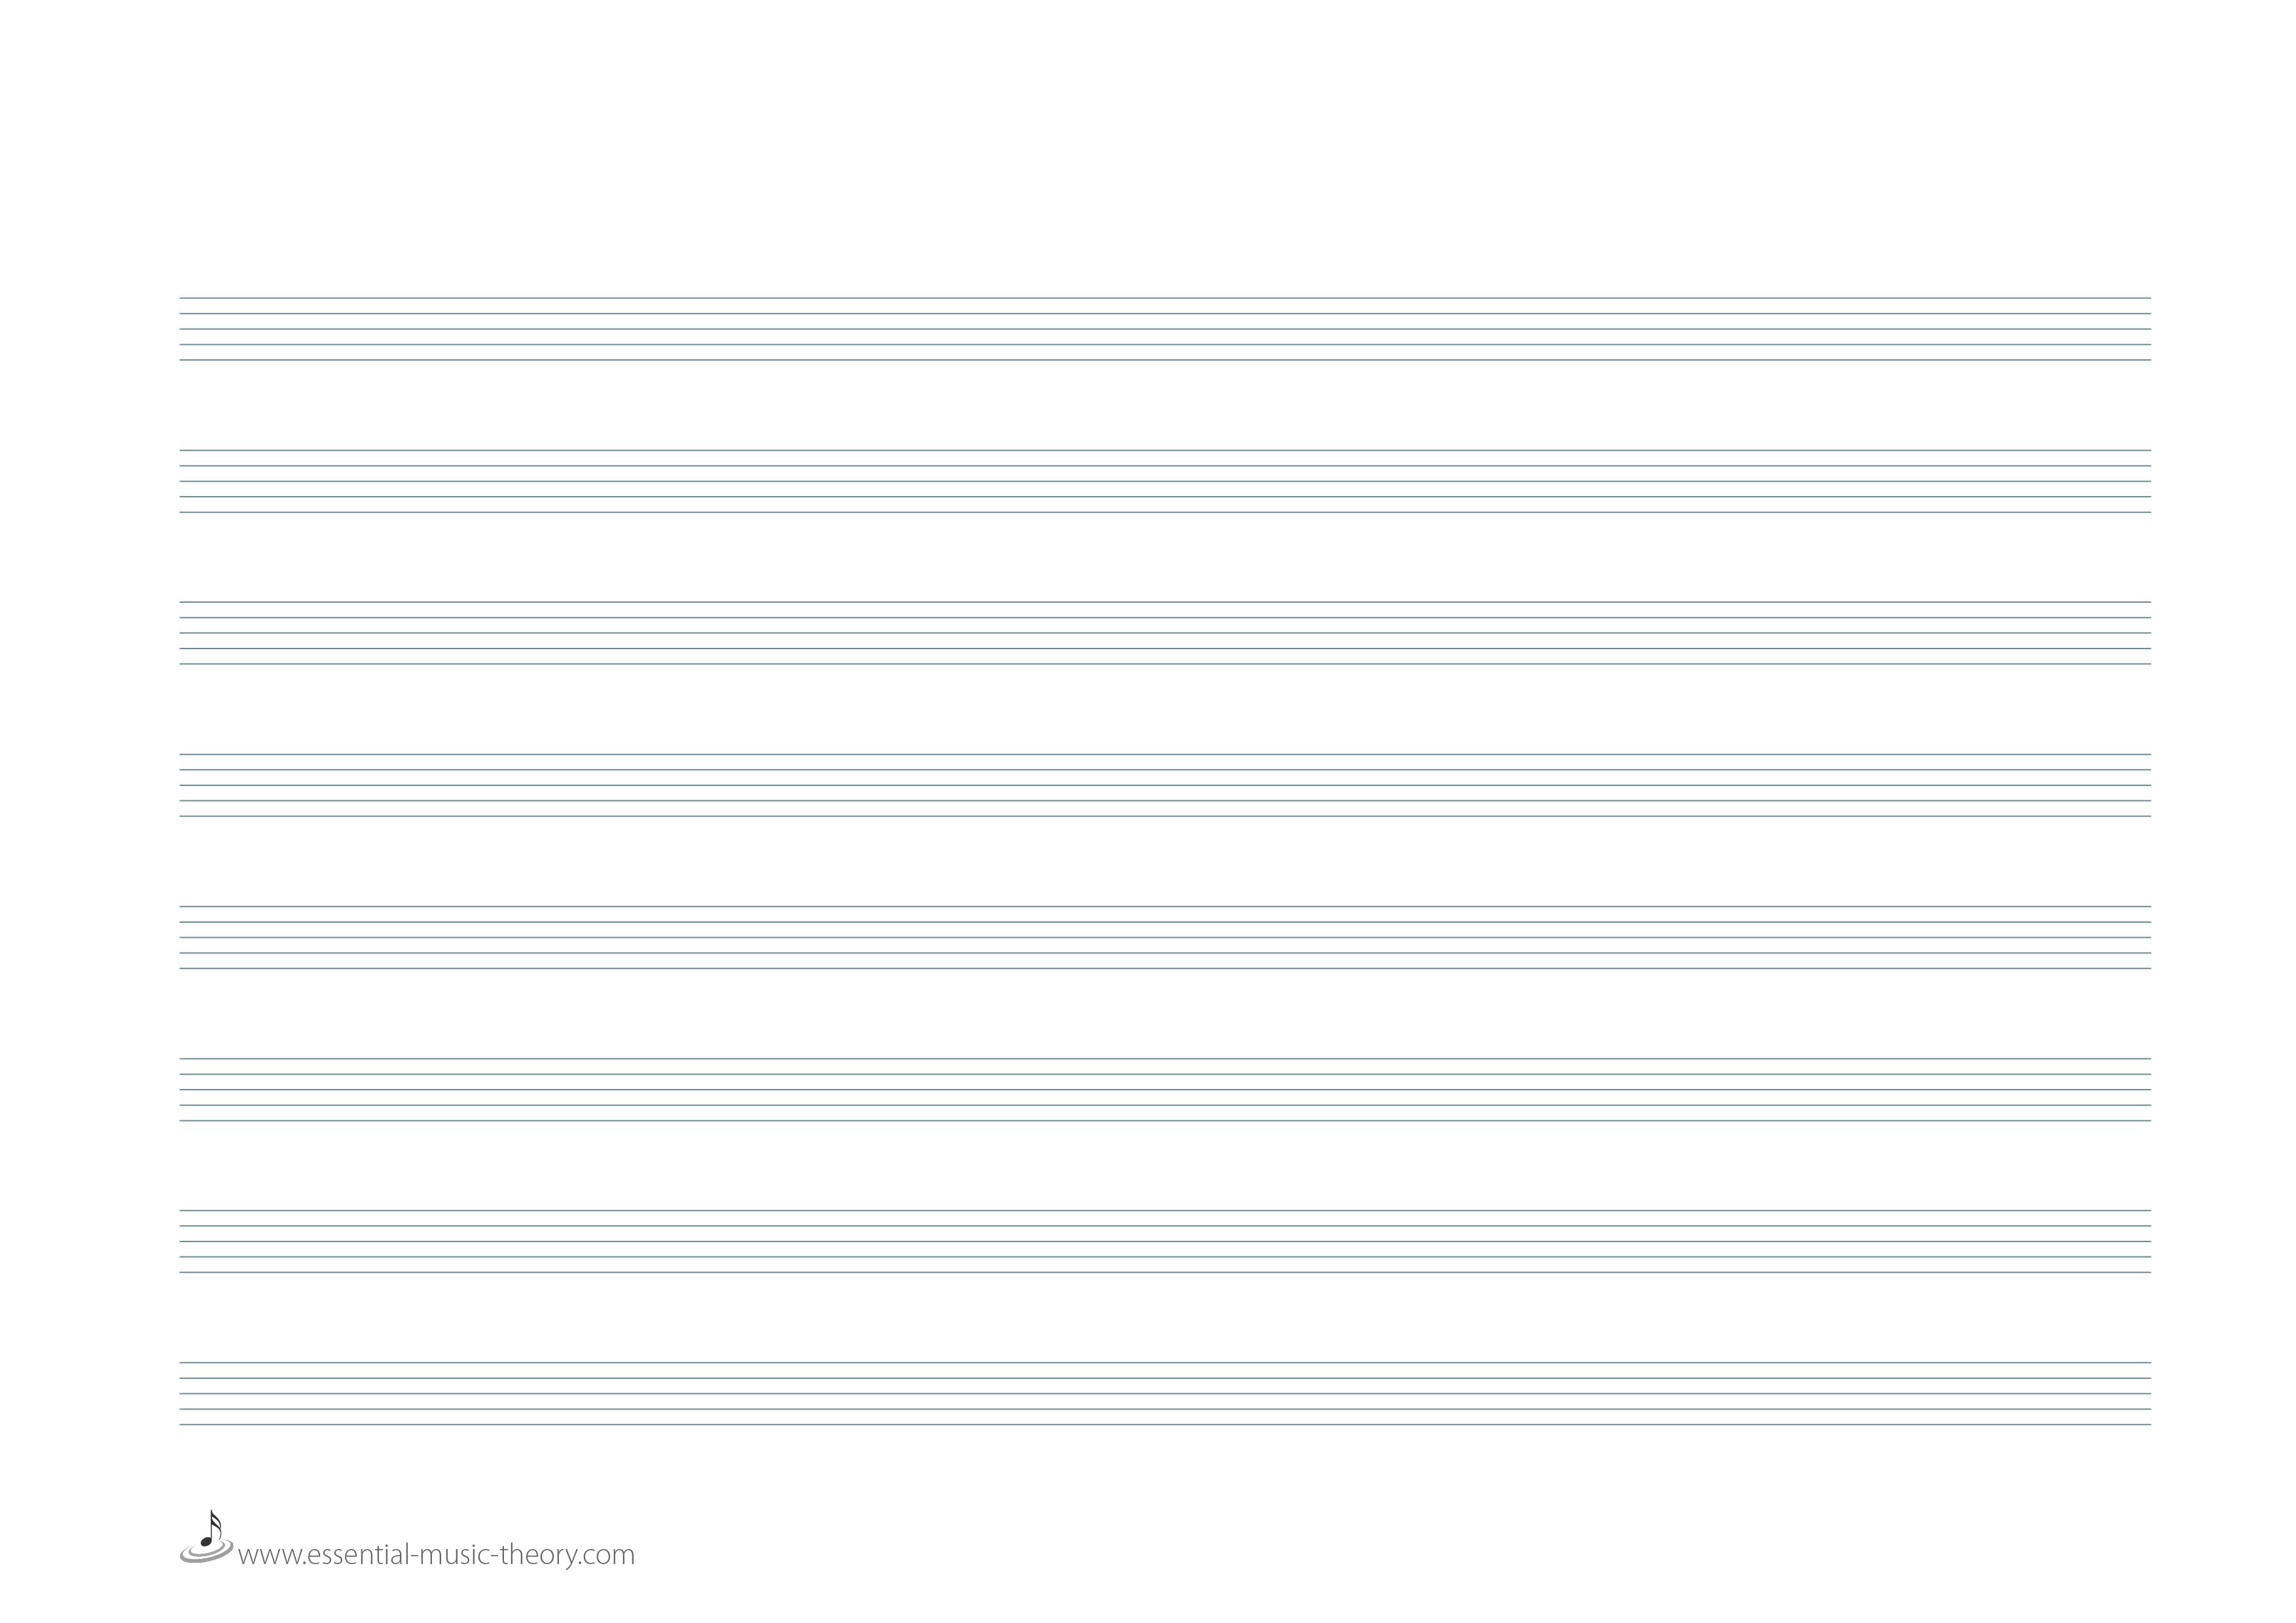 Blank Sheet Music Png & Free Blank Sheet Music Transparent - Free Printable Staff Paper Blank Sheet Music Net